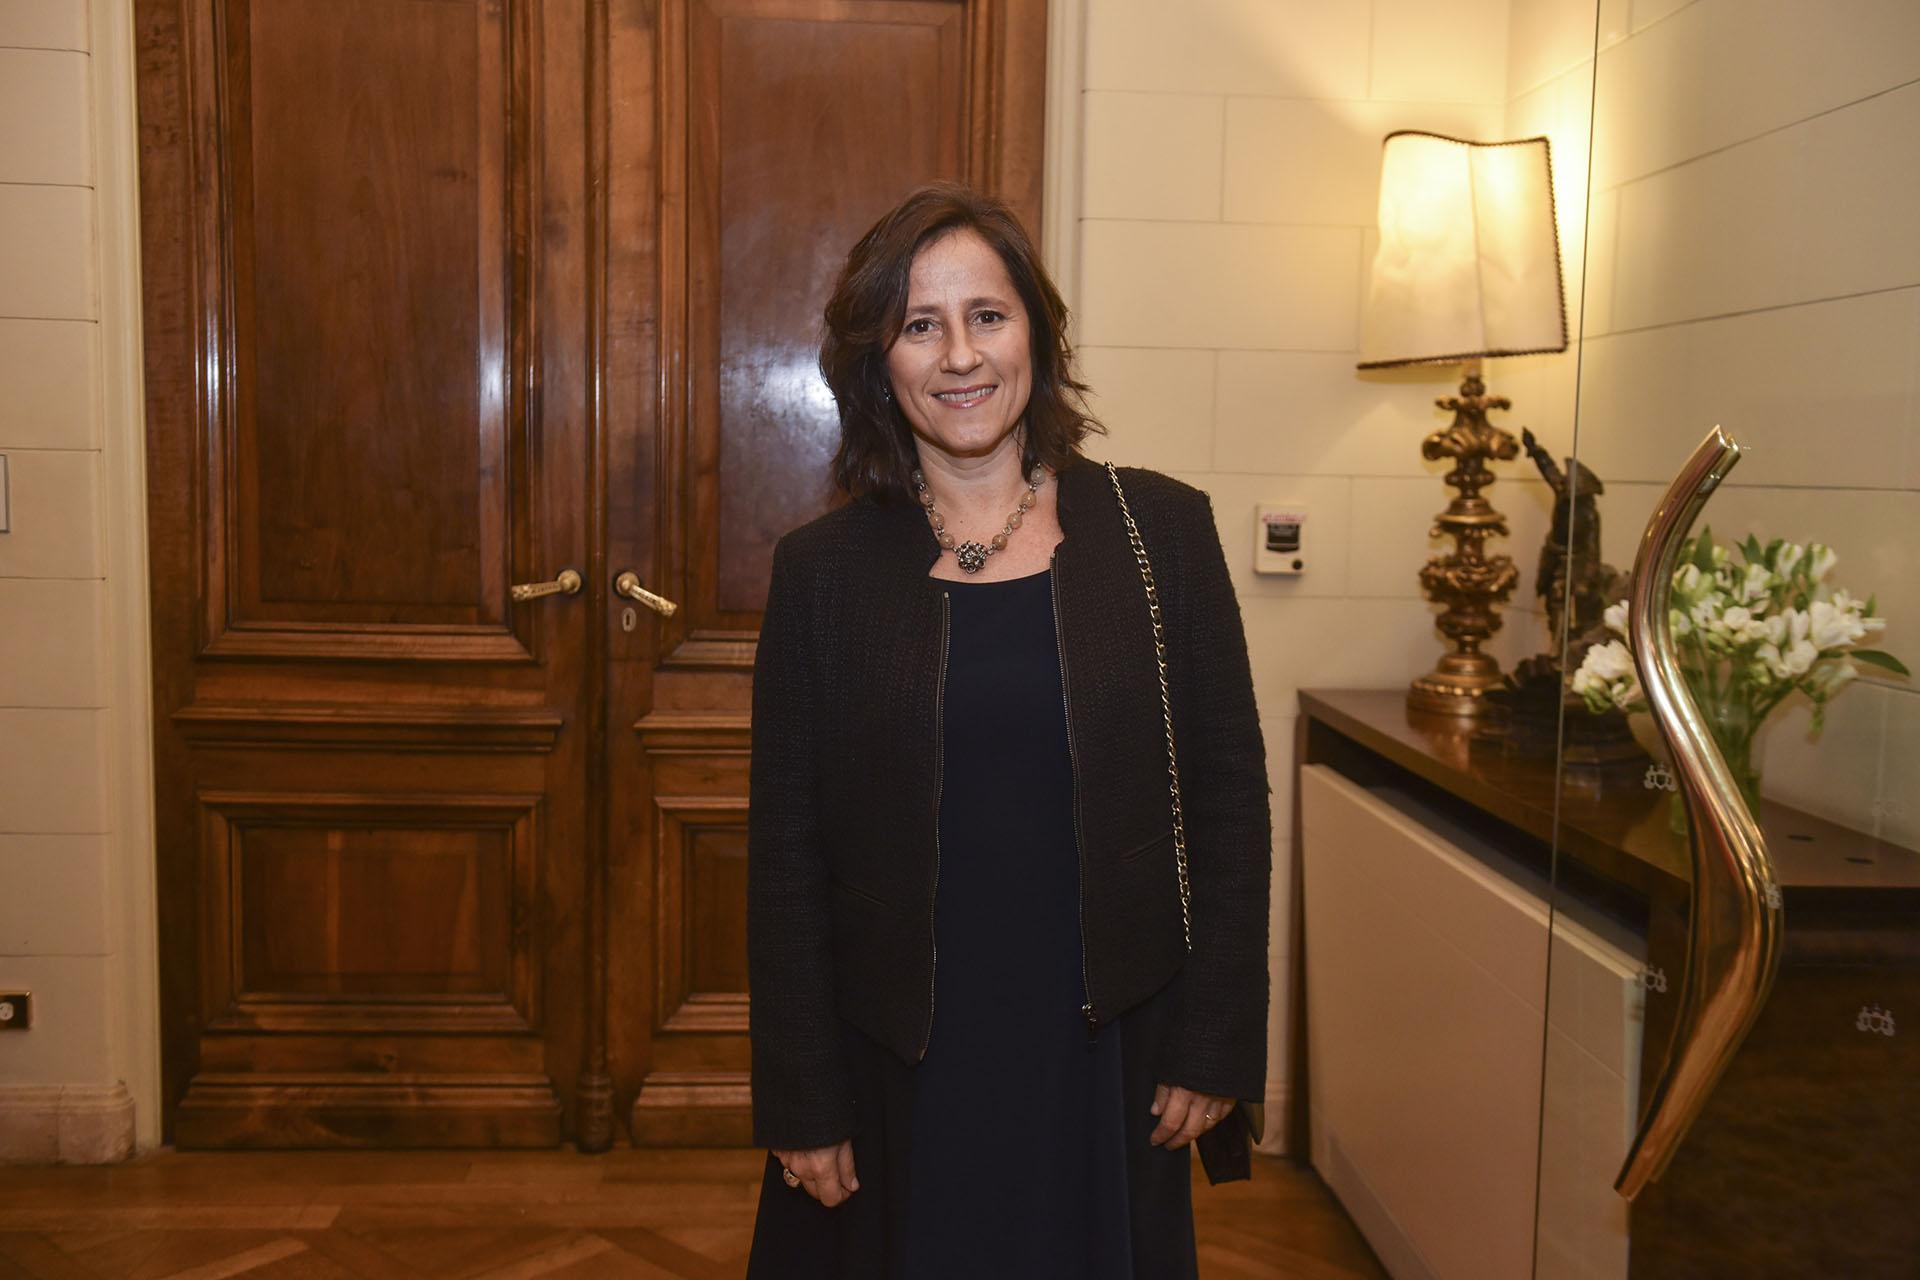 Agustina Catone, directora de Fundación Telefonica, entidad que fue premiada en la disciplina Empresa y Comunidad